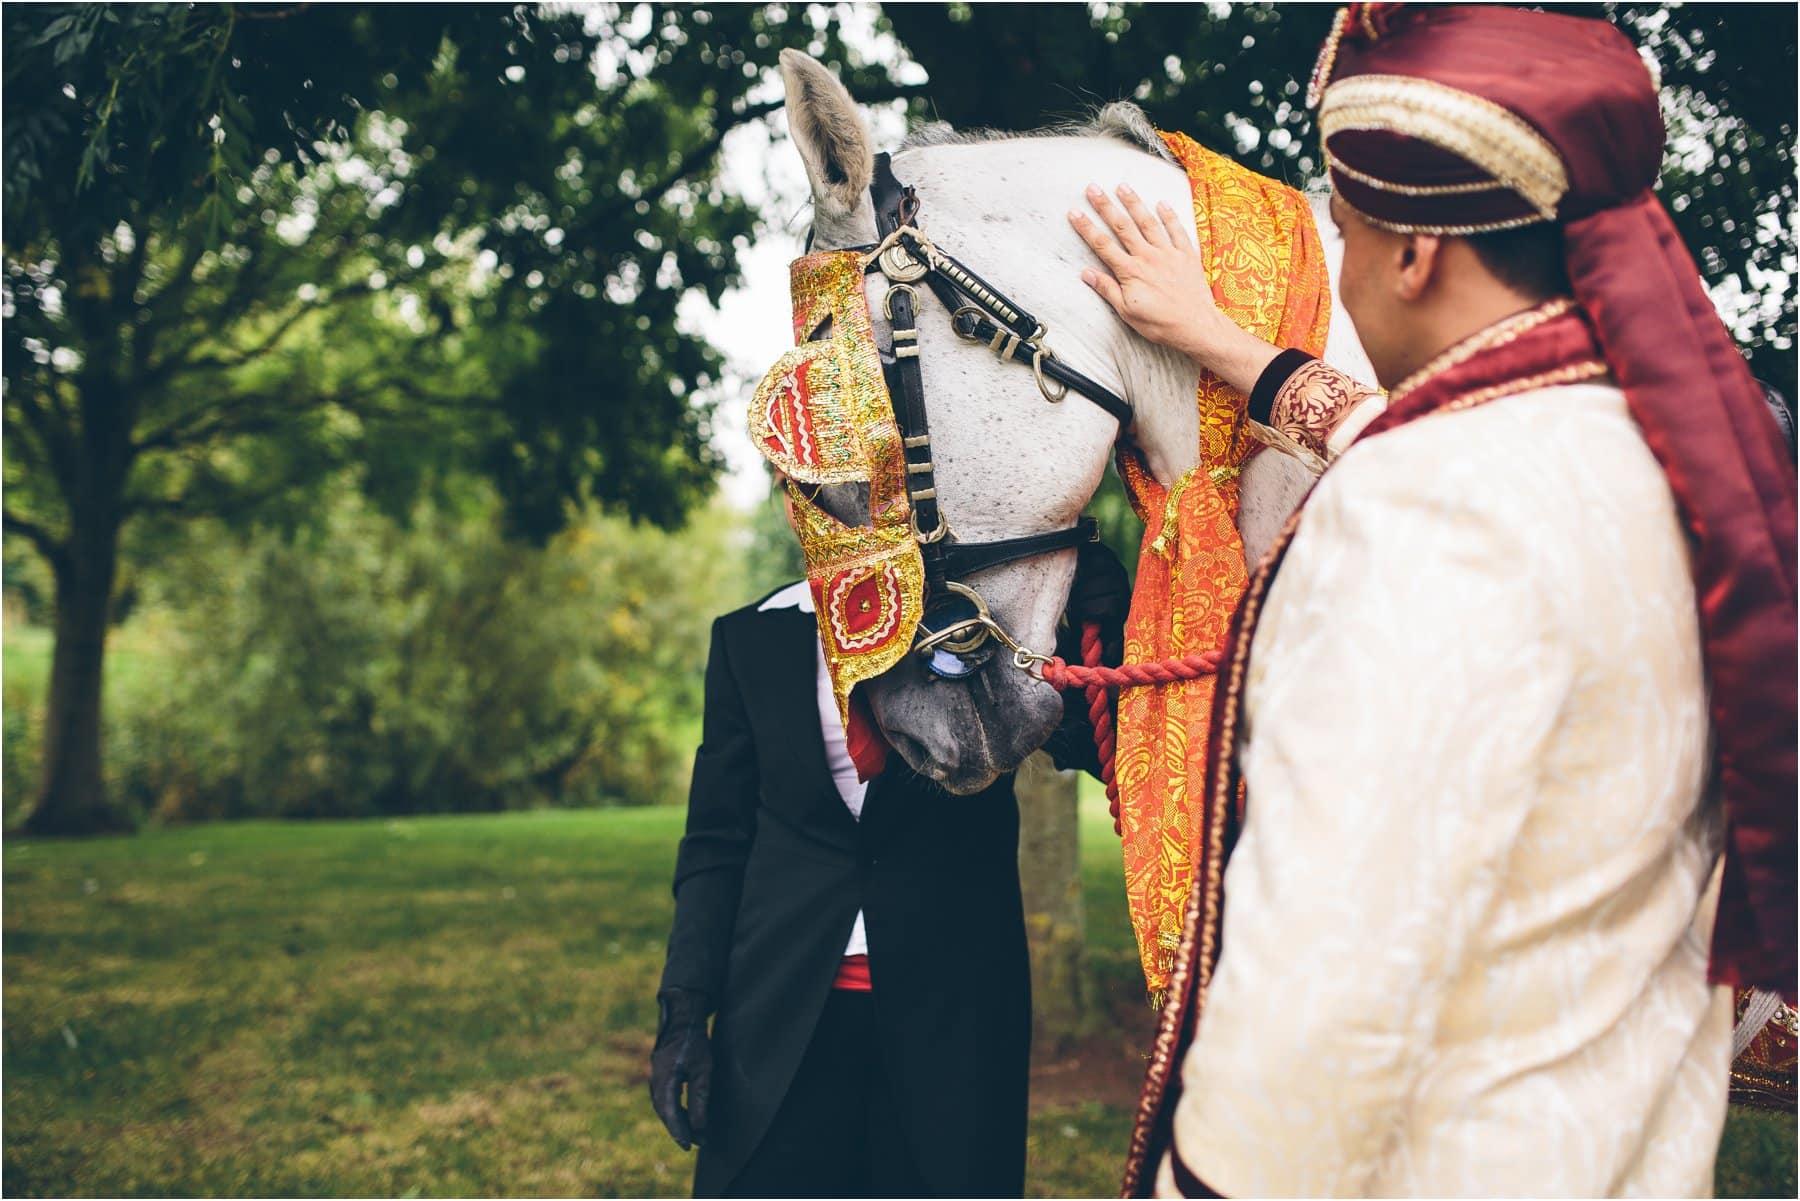 Lancashire_Indian_Wedding_Photography_0026